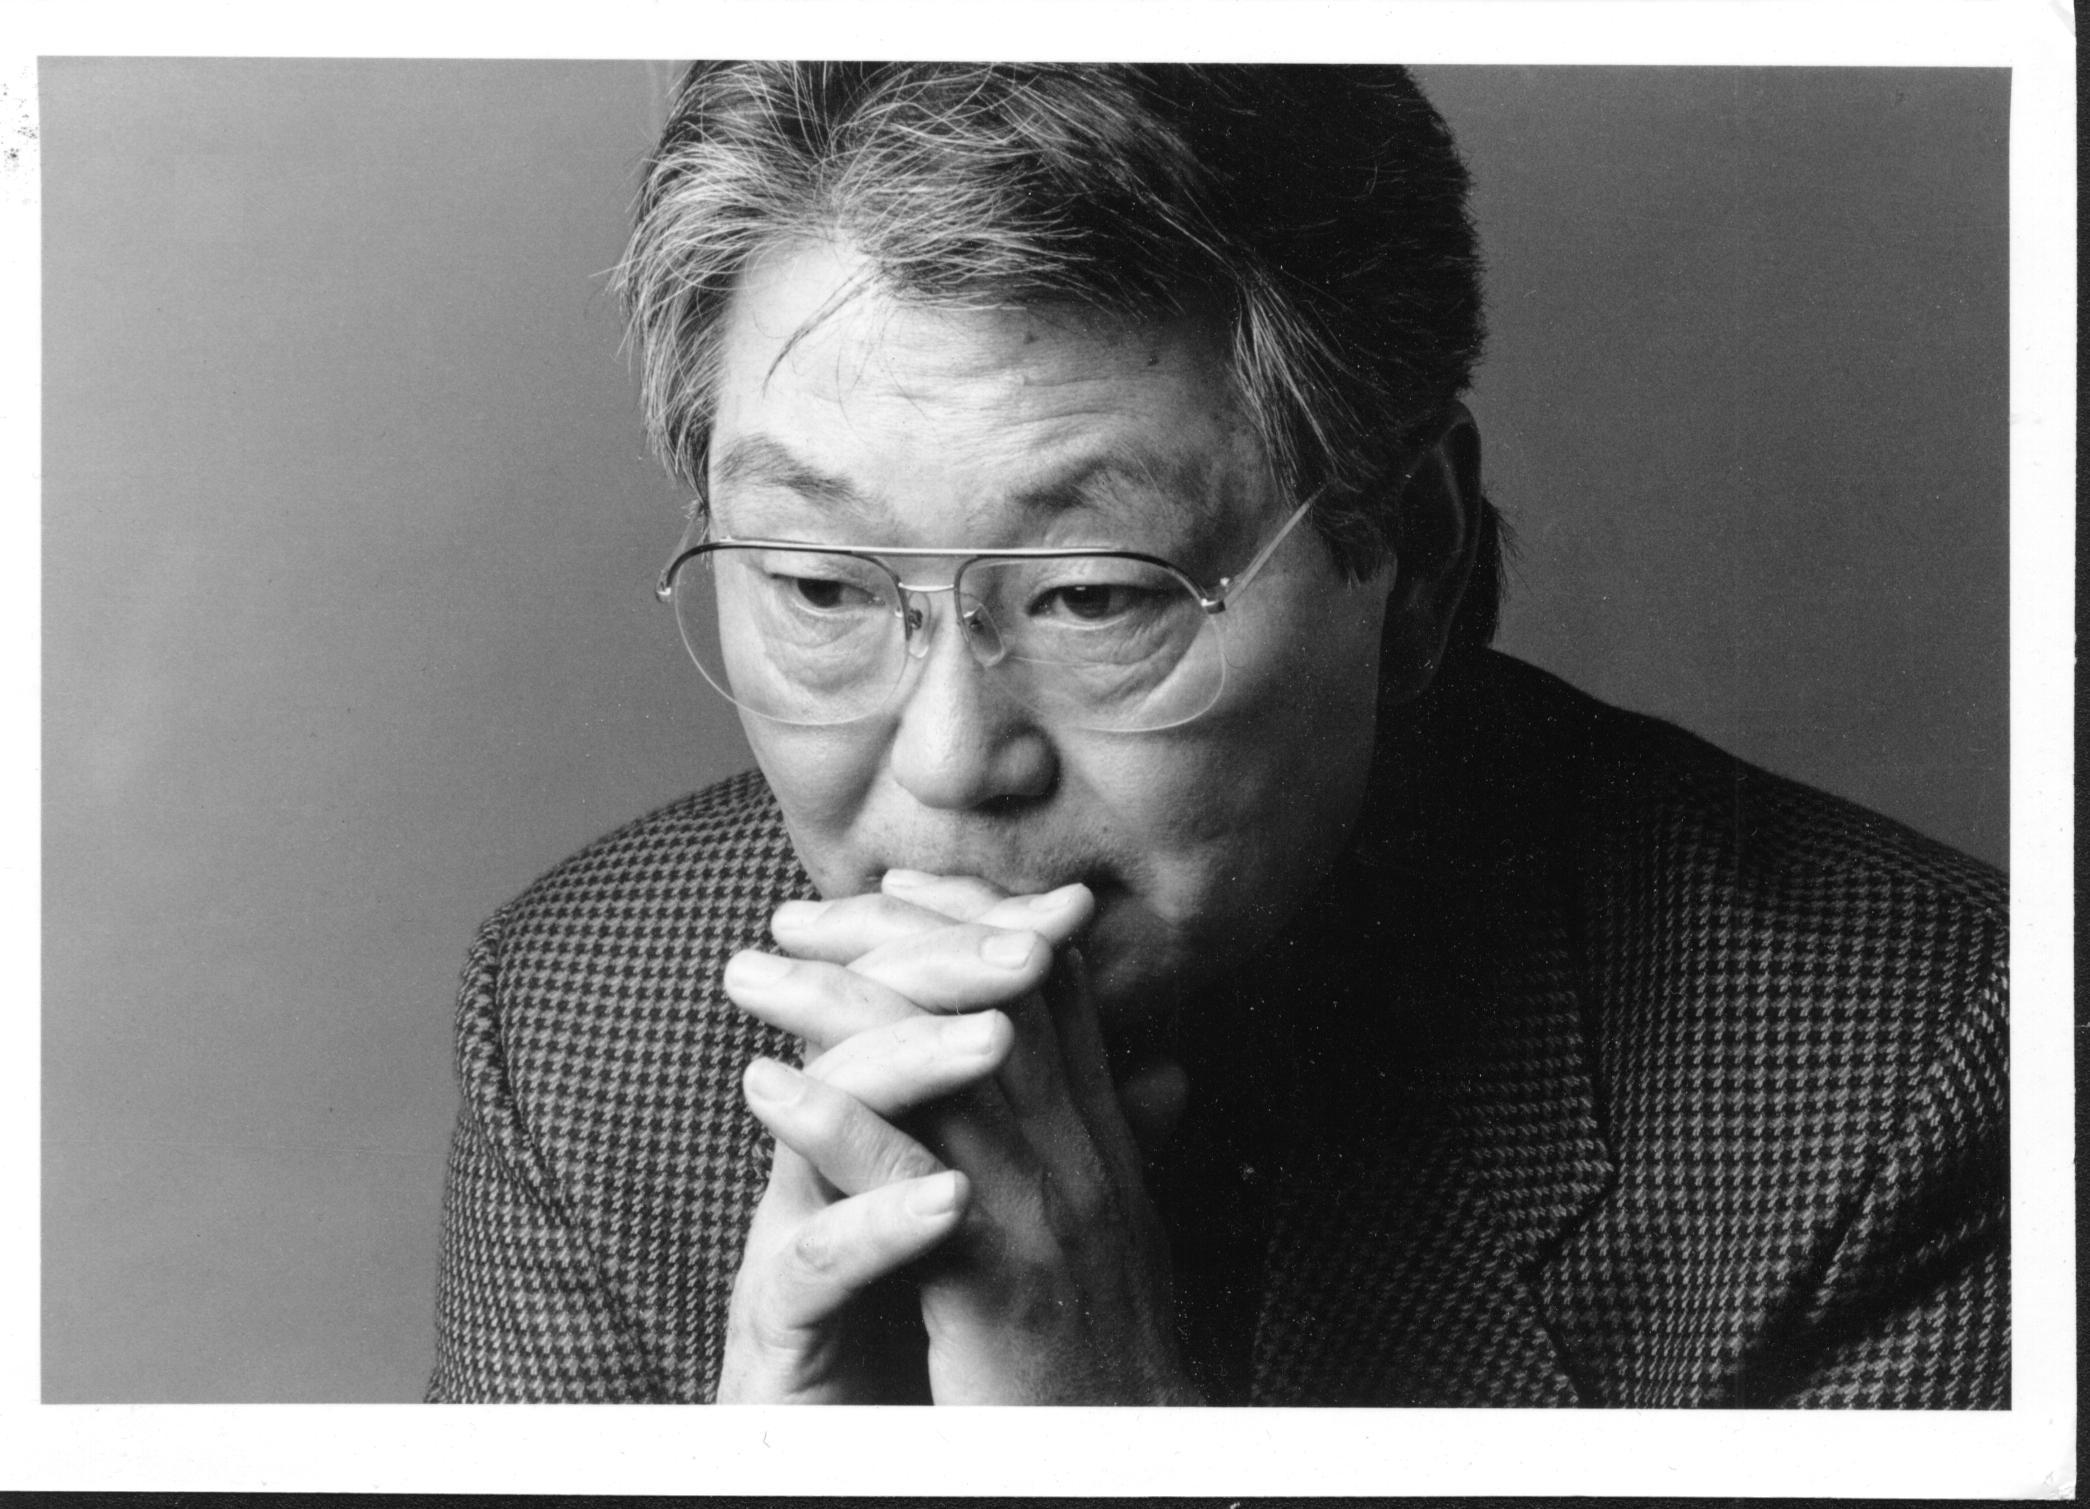 Hiro Narita Net Worth